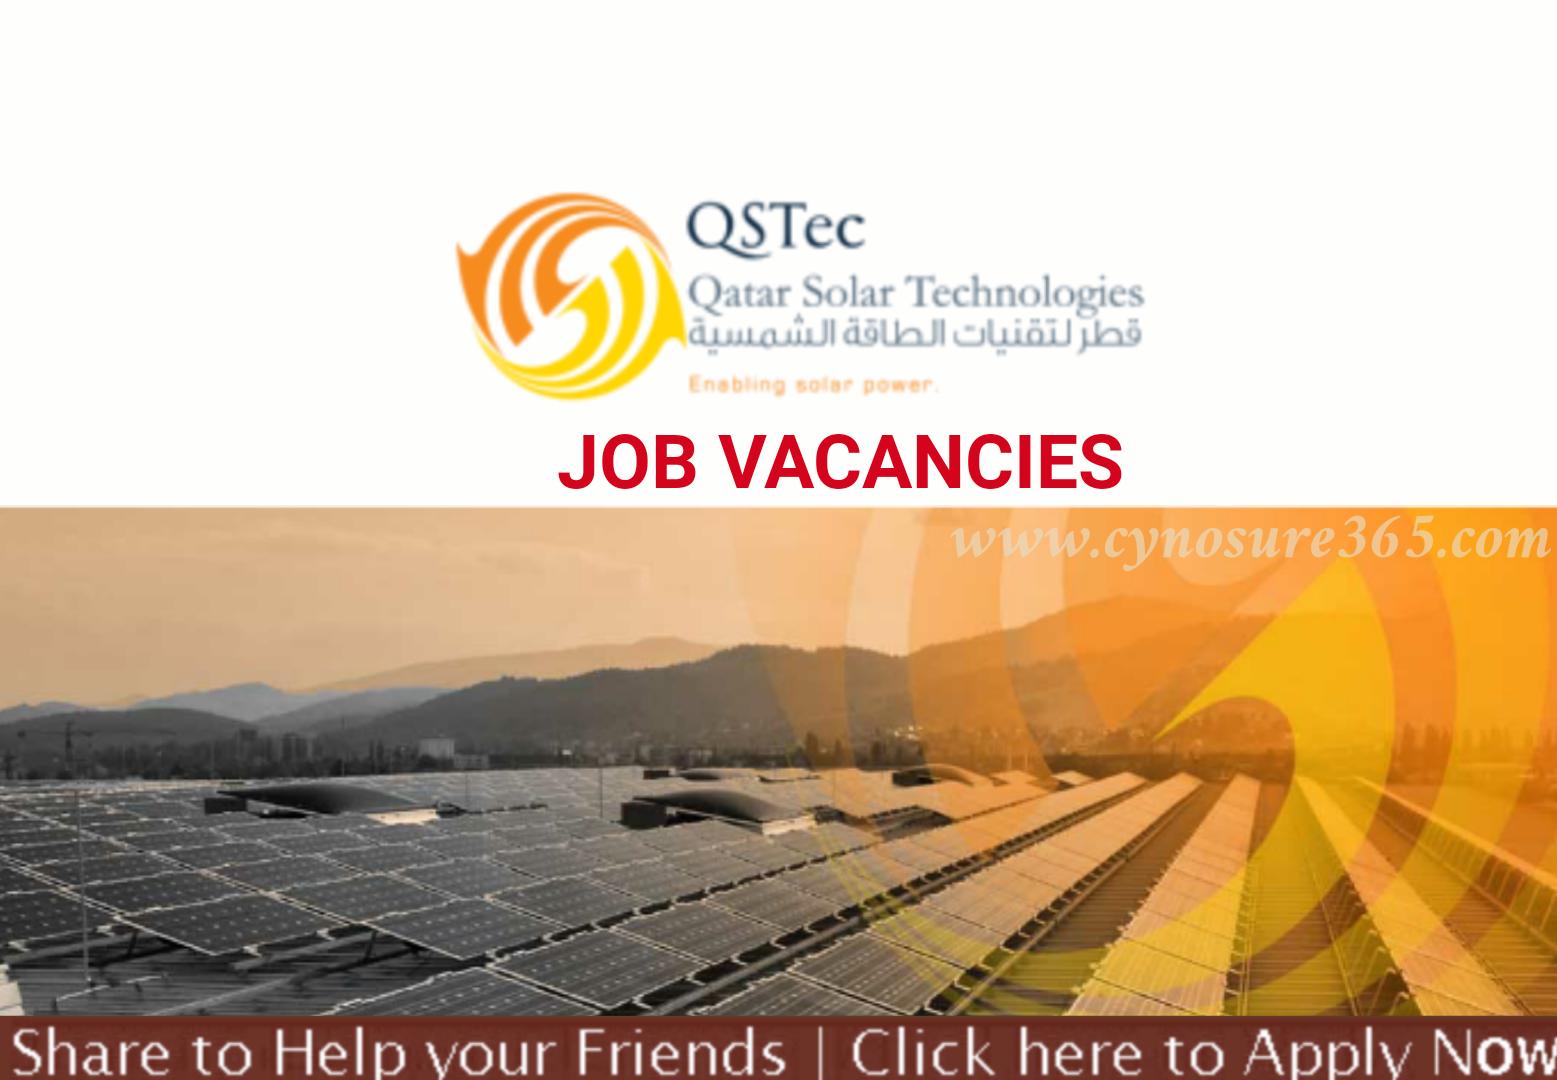 Qatar Solar Technologies Job Vacancies Cynosure365